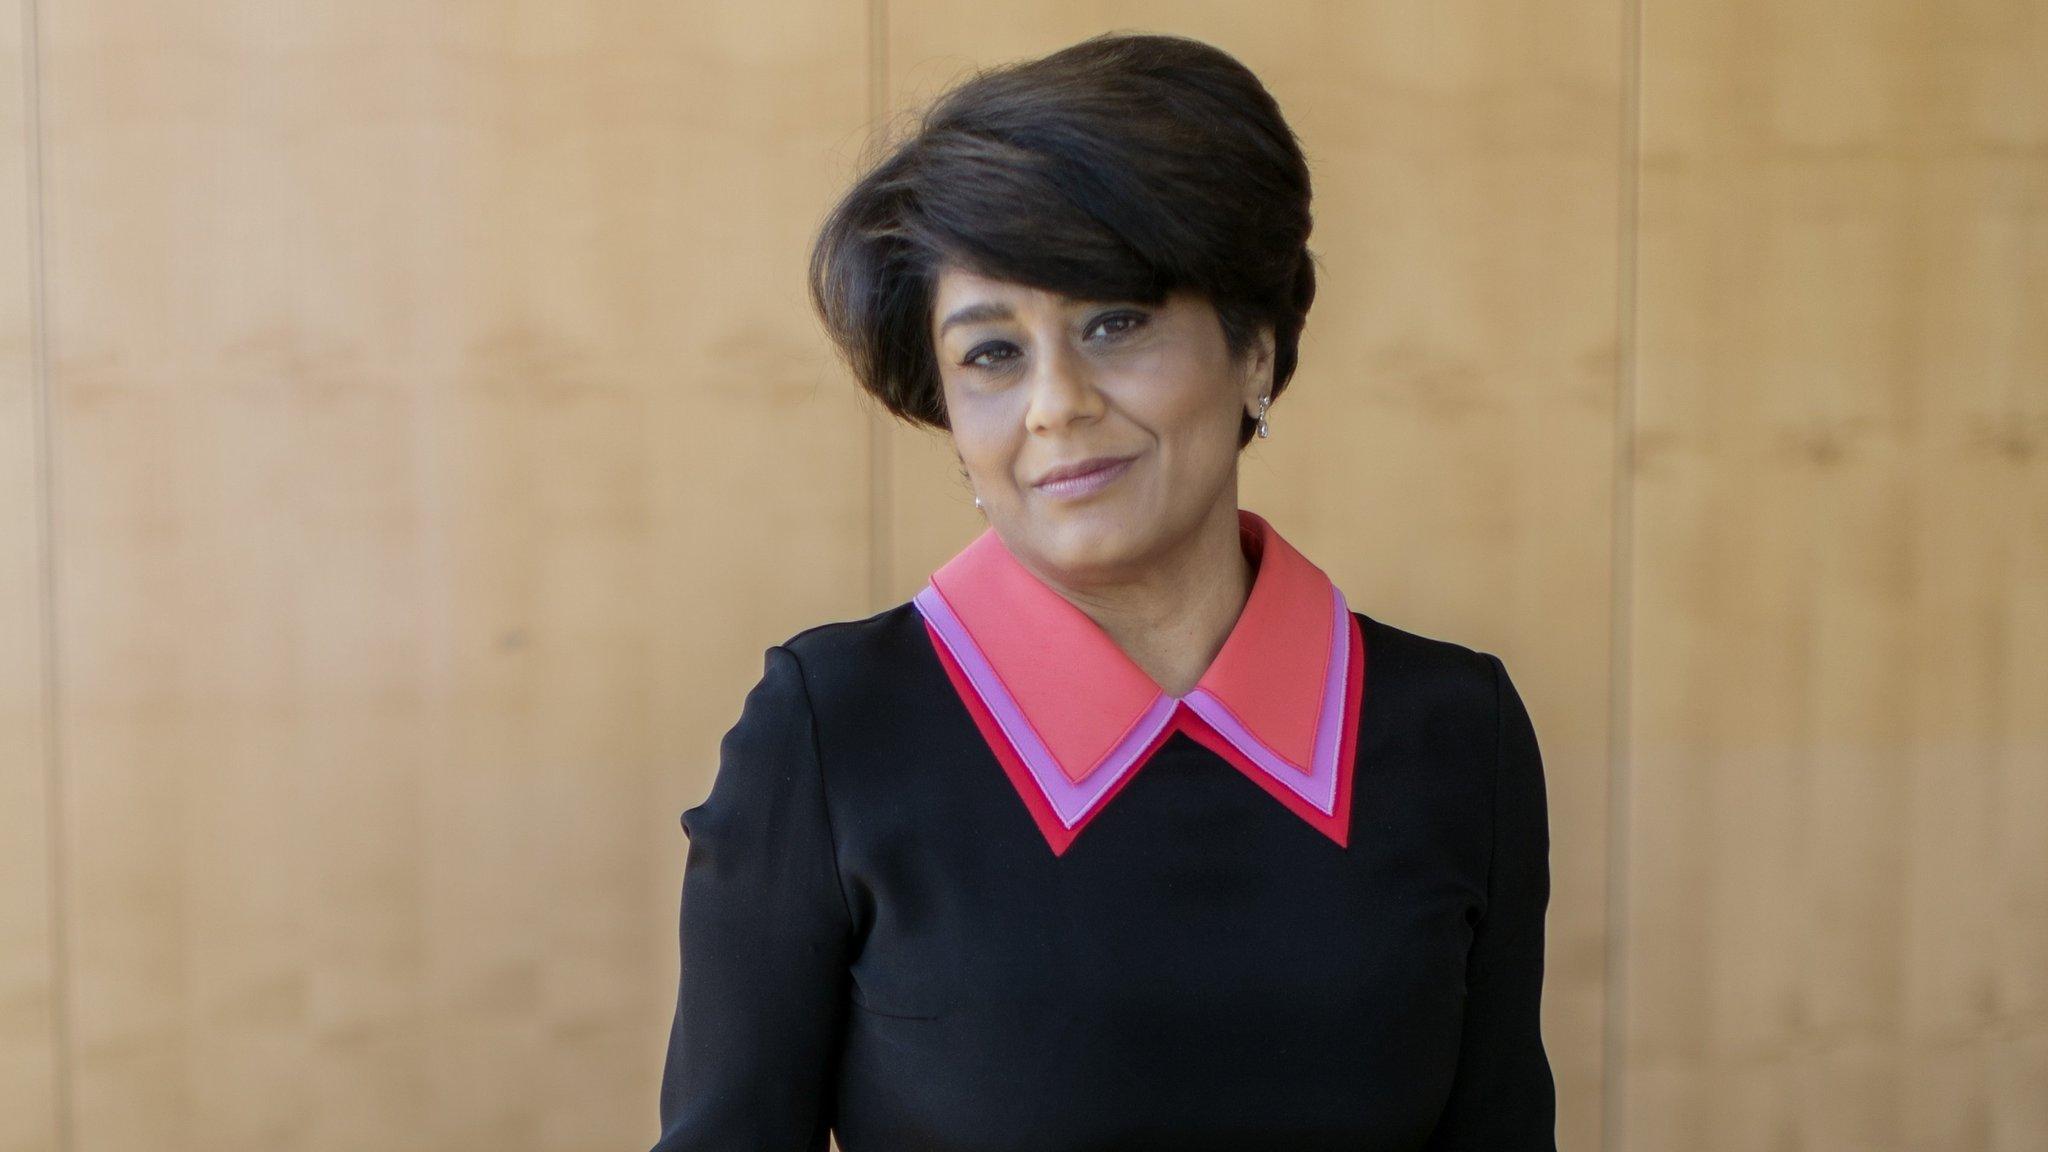 Baroness Shriti Vadera nbsp